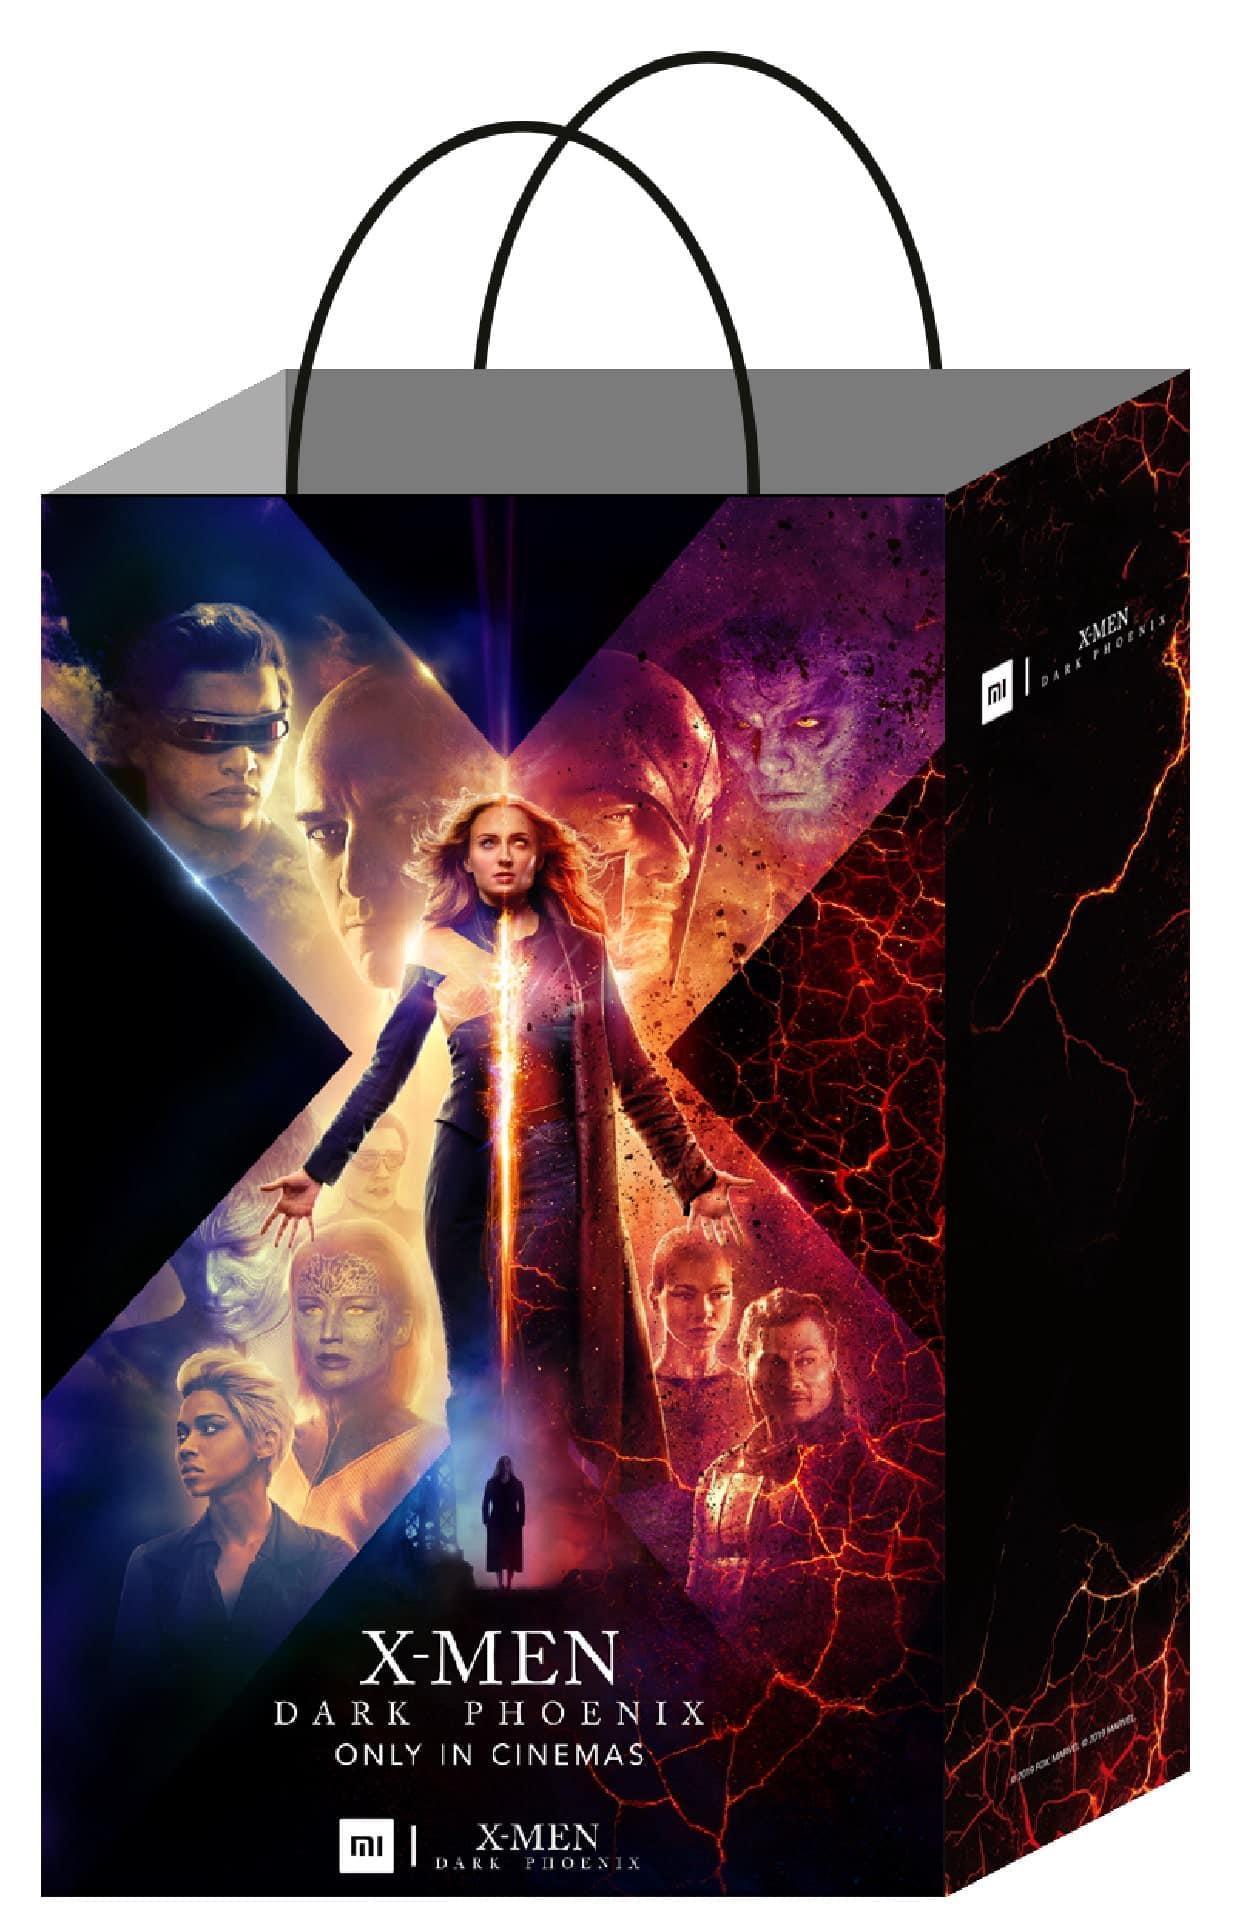 ซื้อ Redmi Note 7 วันนี้ รับฟรีของขวัญจากหนัง X-Men: Dark Phoenix 2